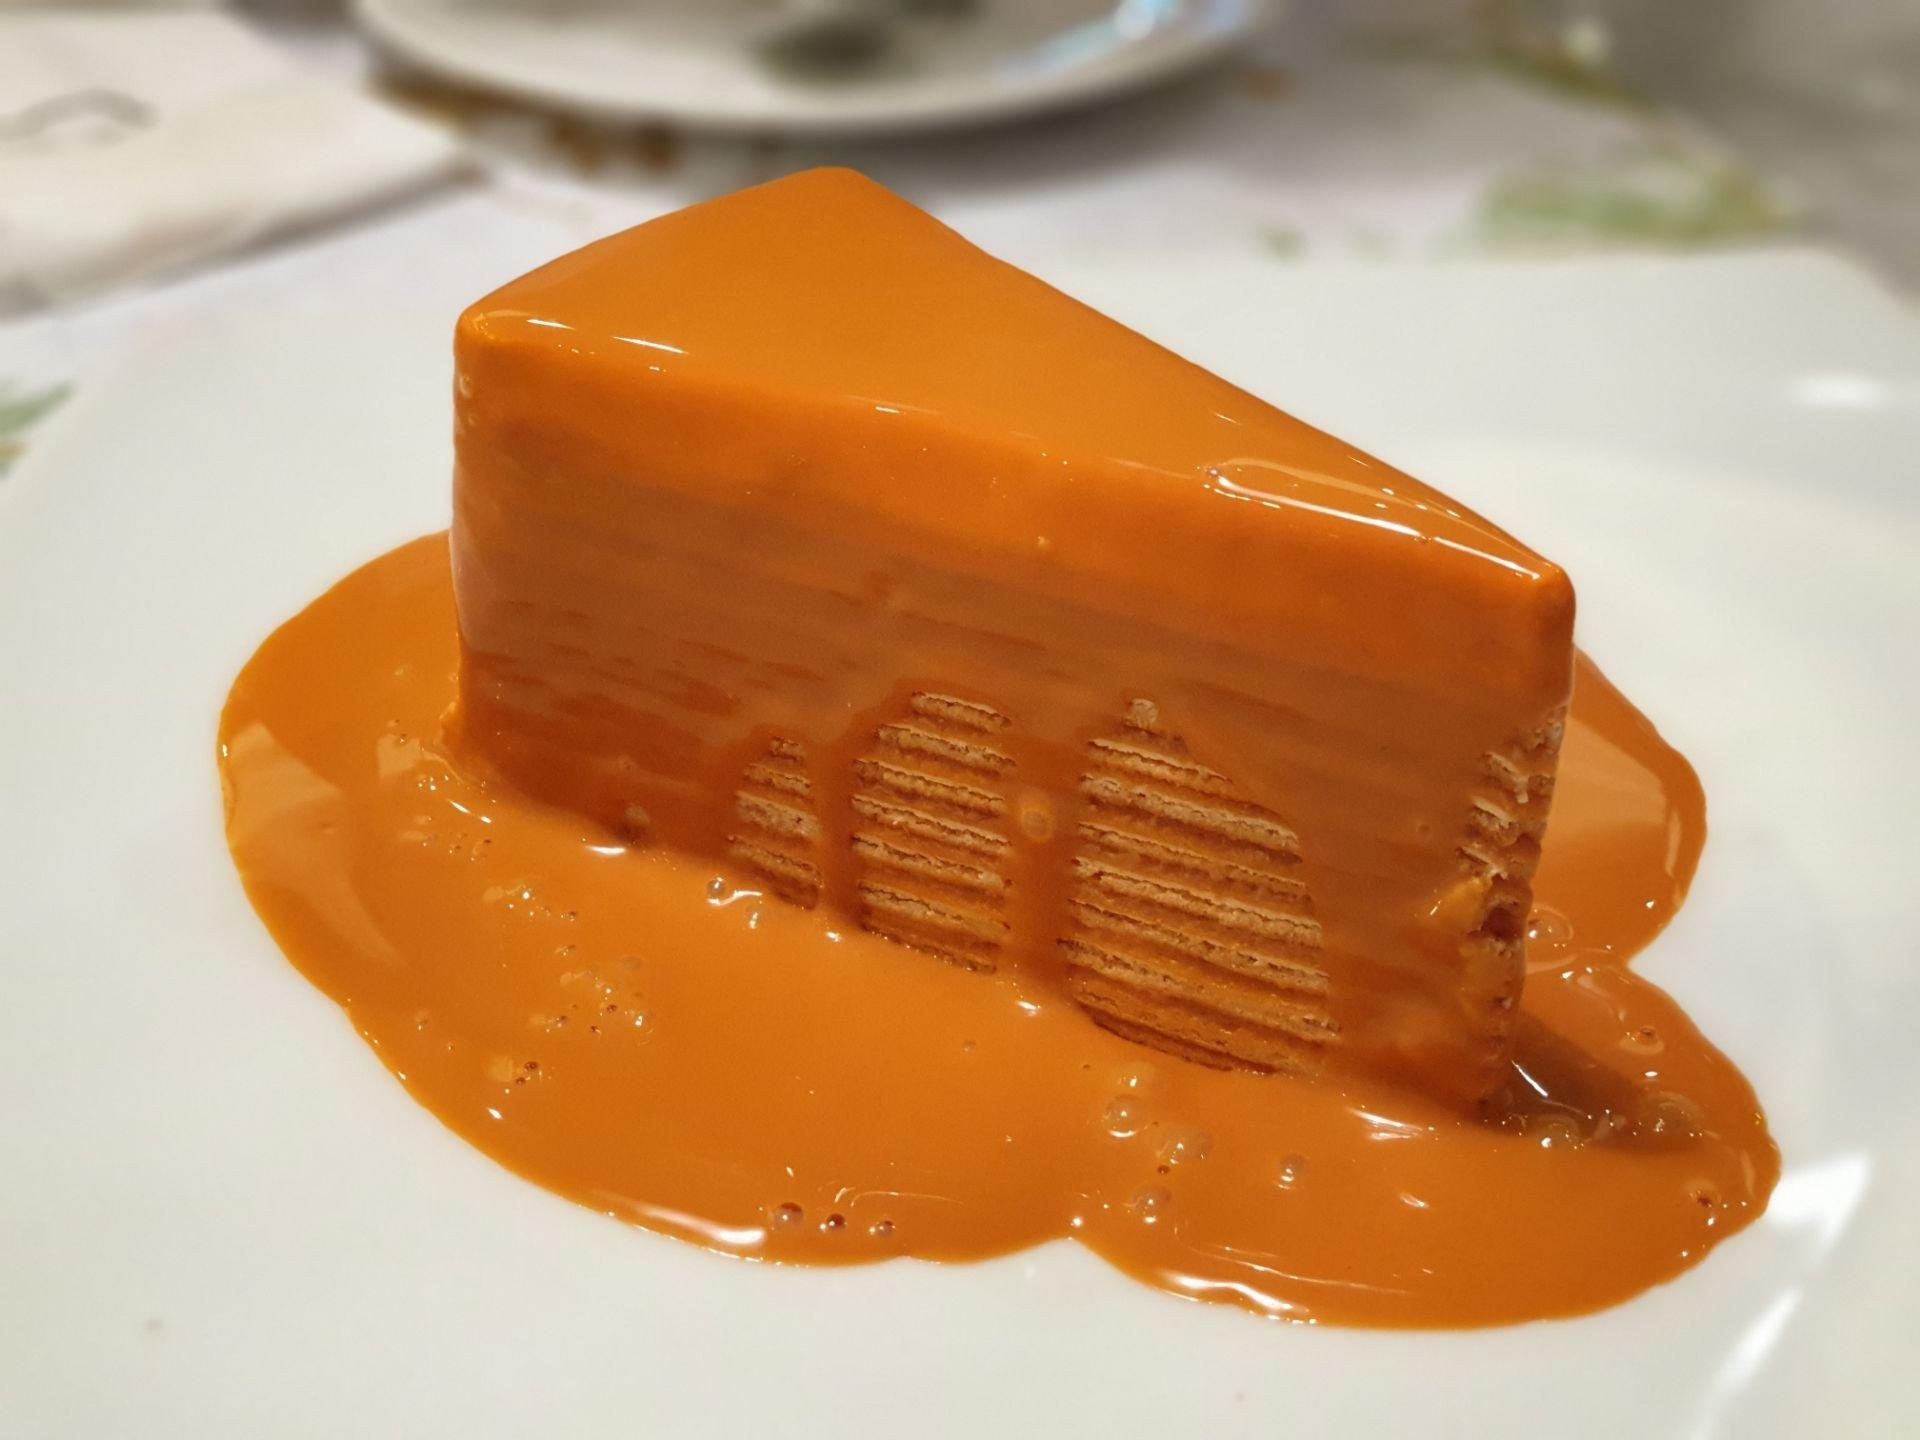 ค้นหาร้านอาหาร โรงแรม ที่พัก สถานที่ท่องเที่ยว ร้านเสริมสวยและสปา ใน แม่ฮ่องสอน